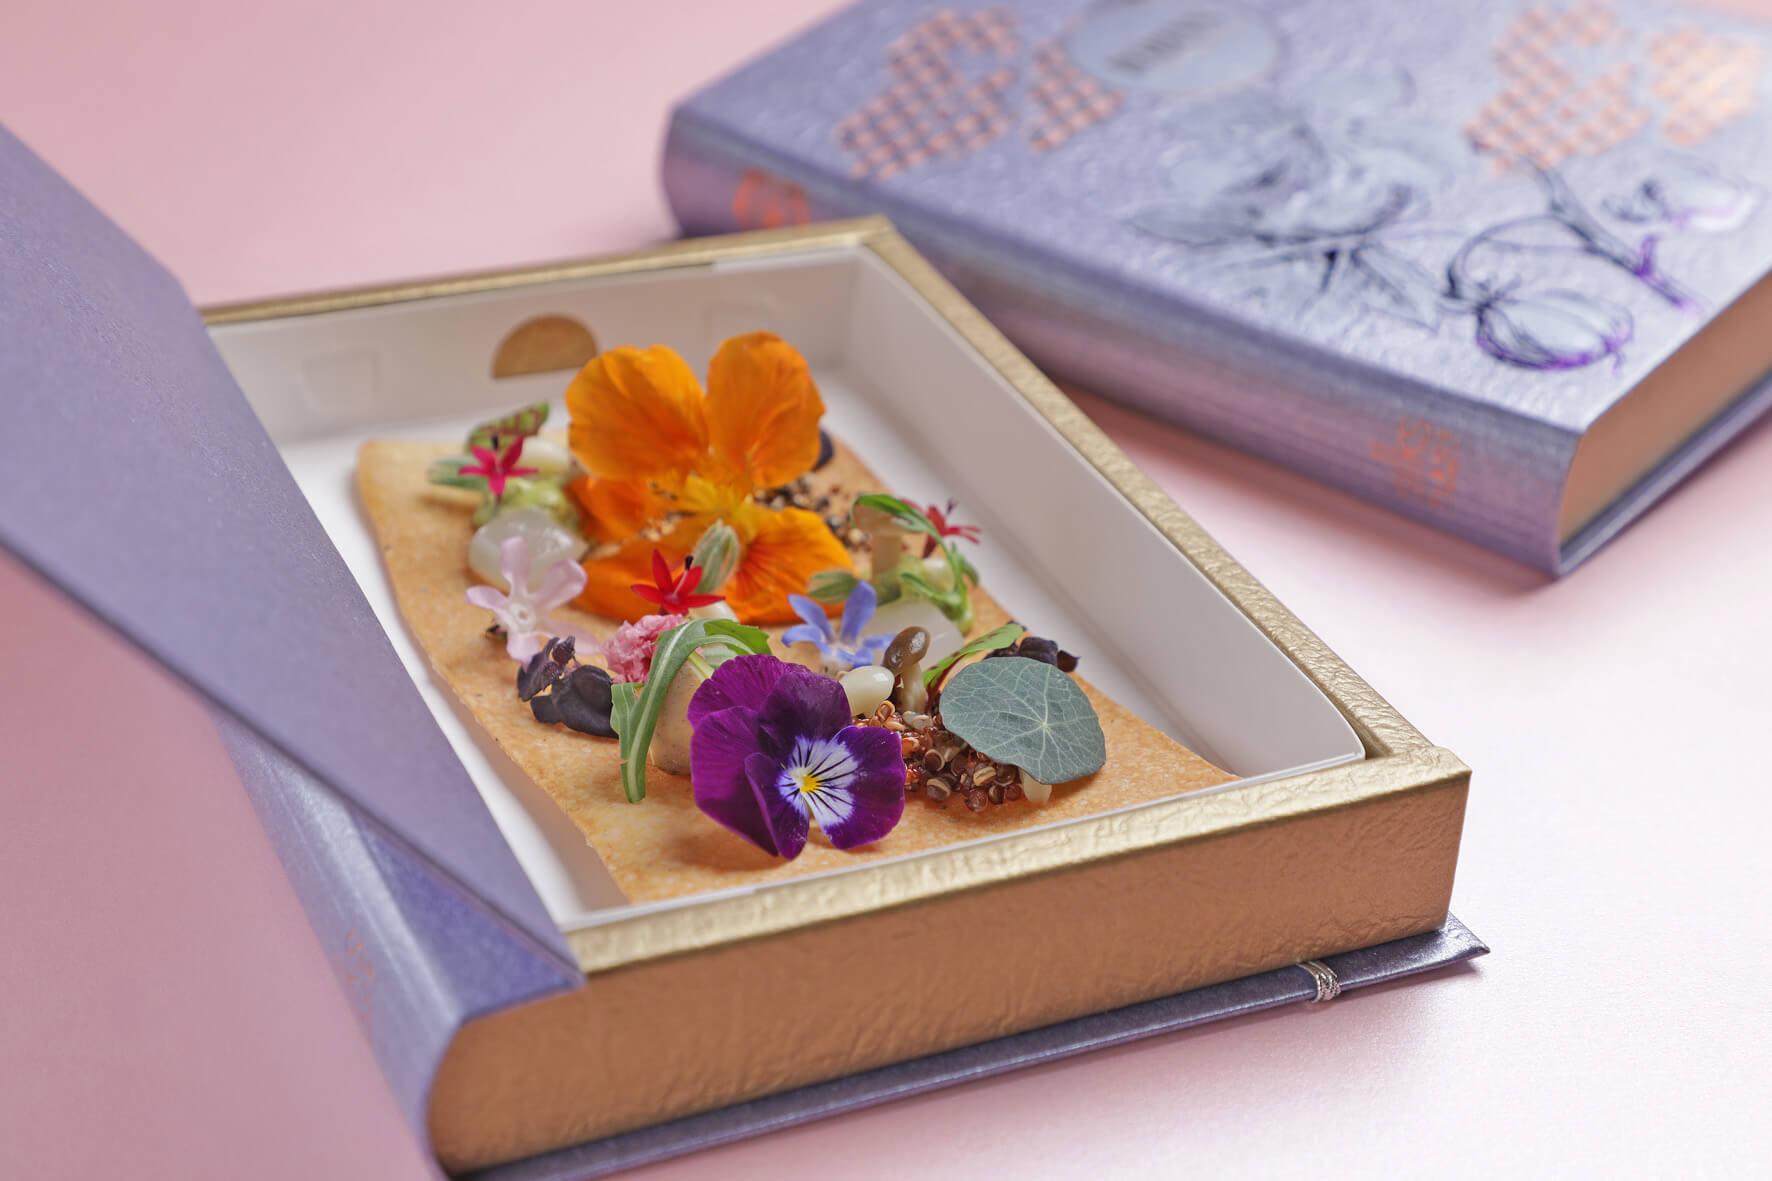 開胃菜「初春」以精美的書本盛裝曼波魚膠起司餅來營造初春乍現的氣氛。(圖/台南晶英酒店提供)